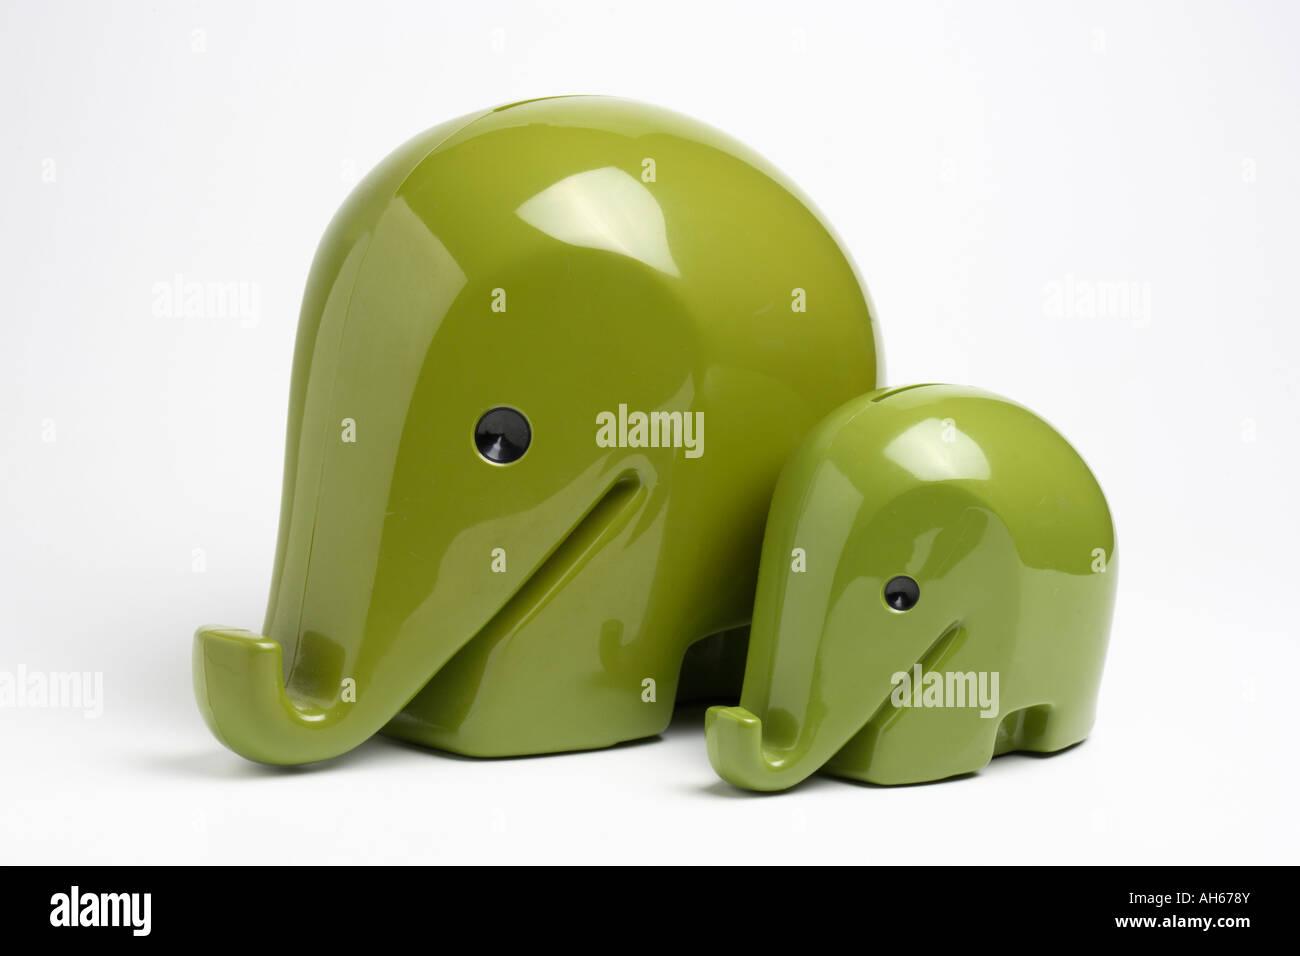 Cajas de dinero de plástico en forma de elefantes diseñado por Luigi Colani para el Banco de Dresde sobre Imagen De Stock